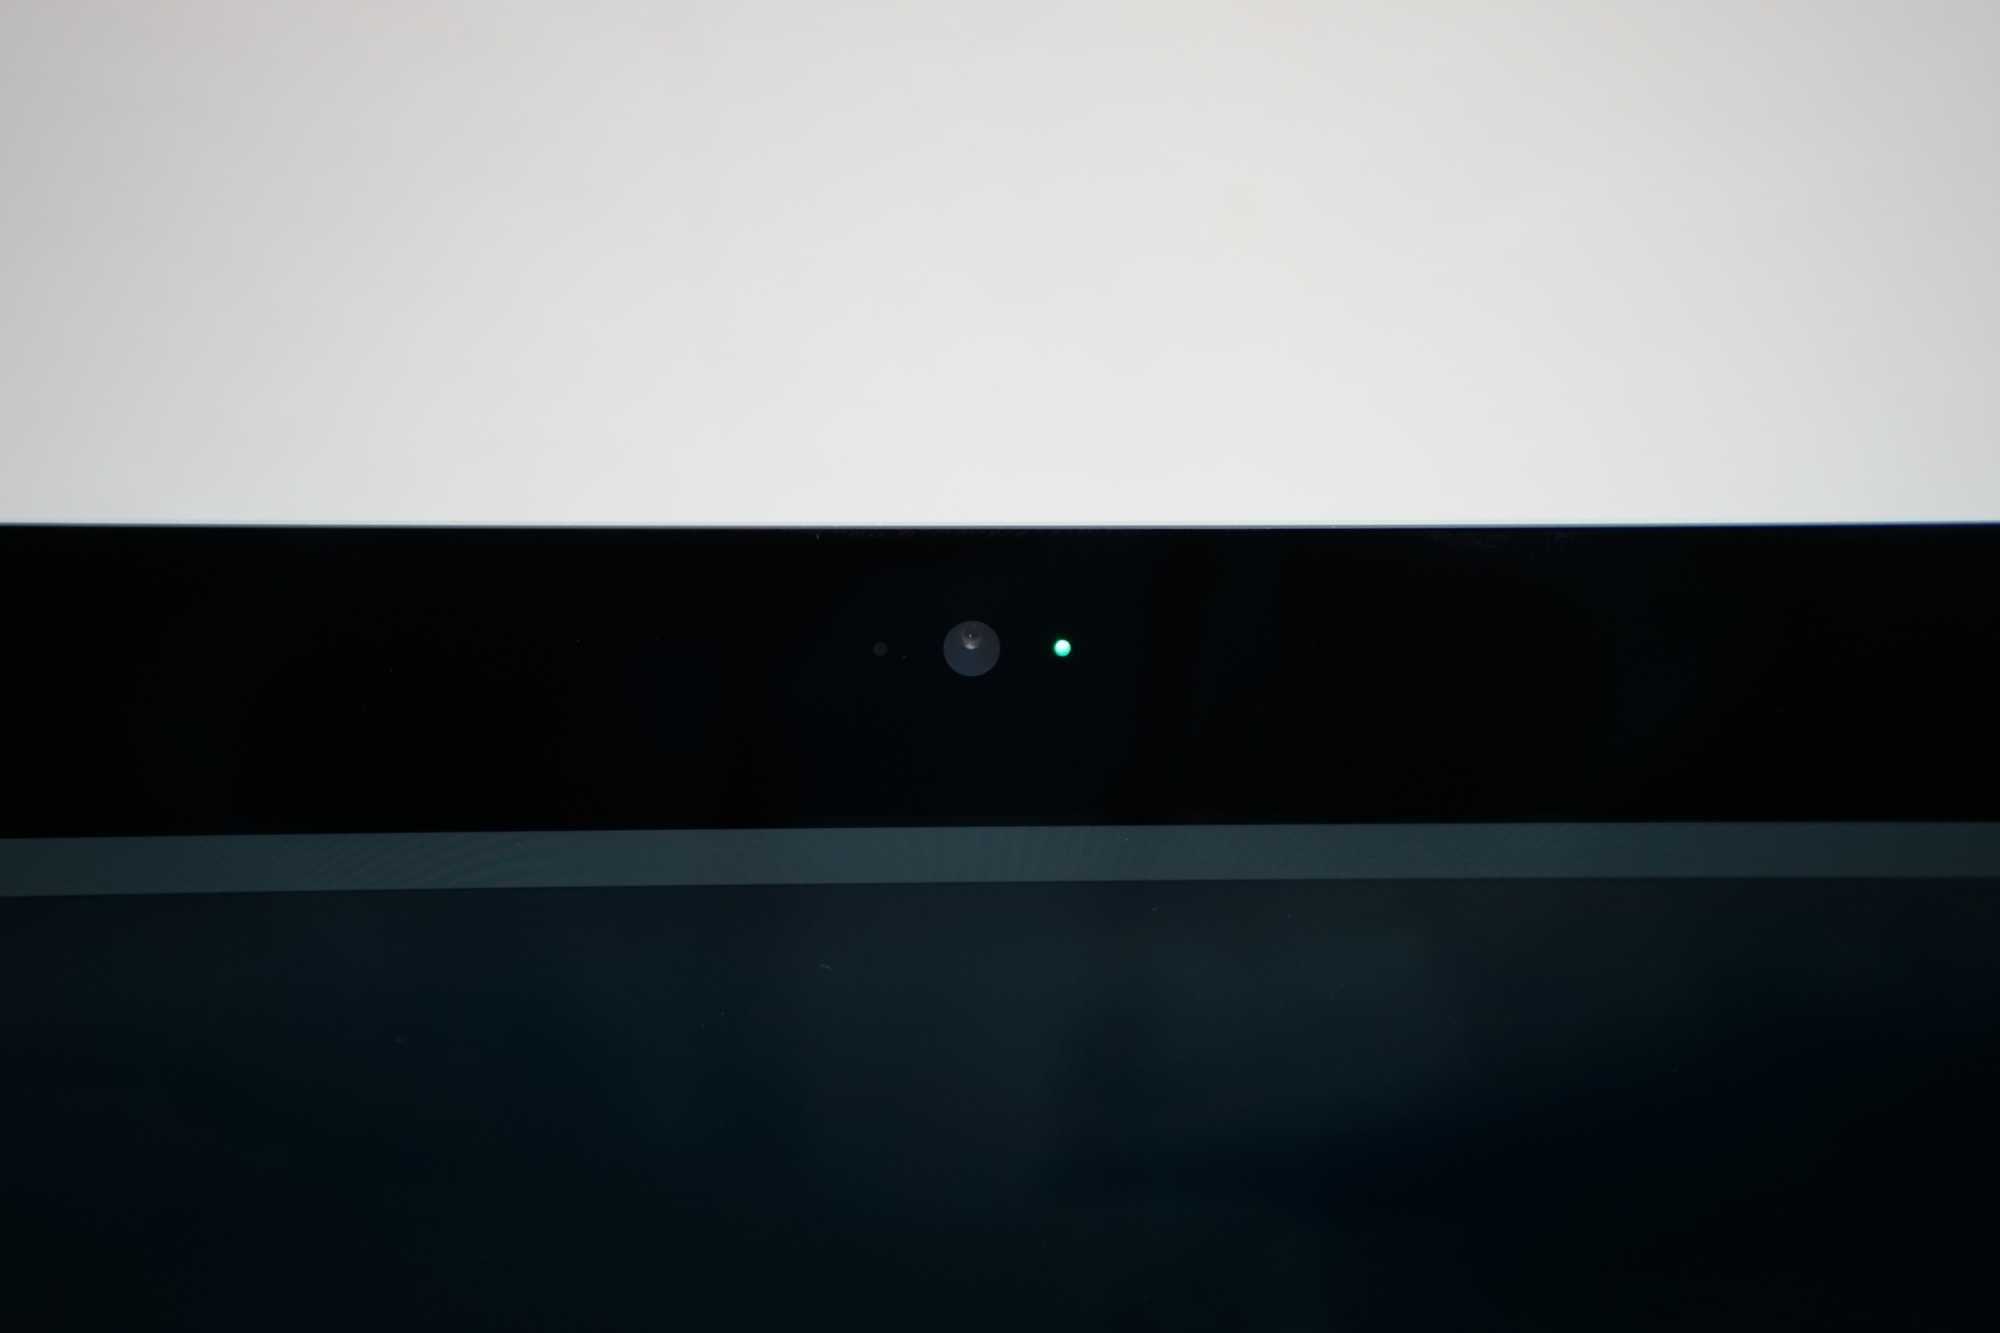 iMac 27-inch 2019 FaceTime HD Camera